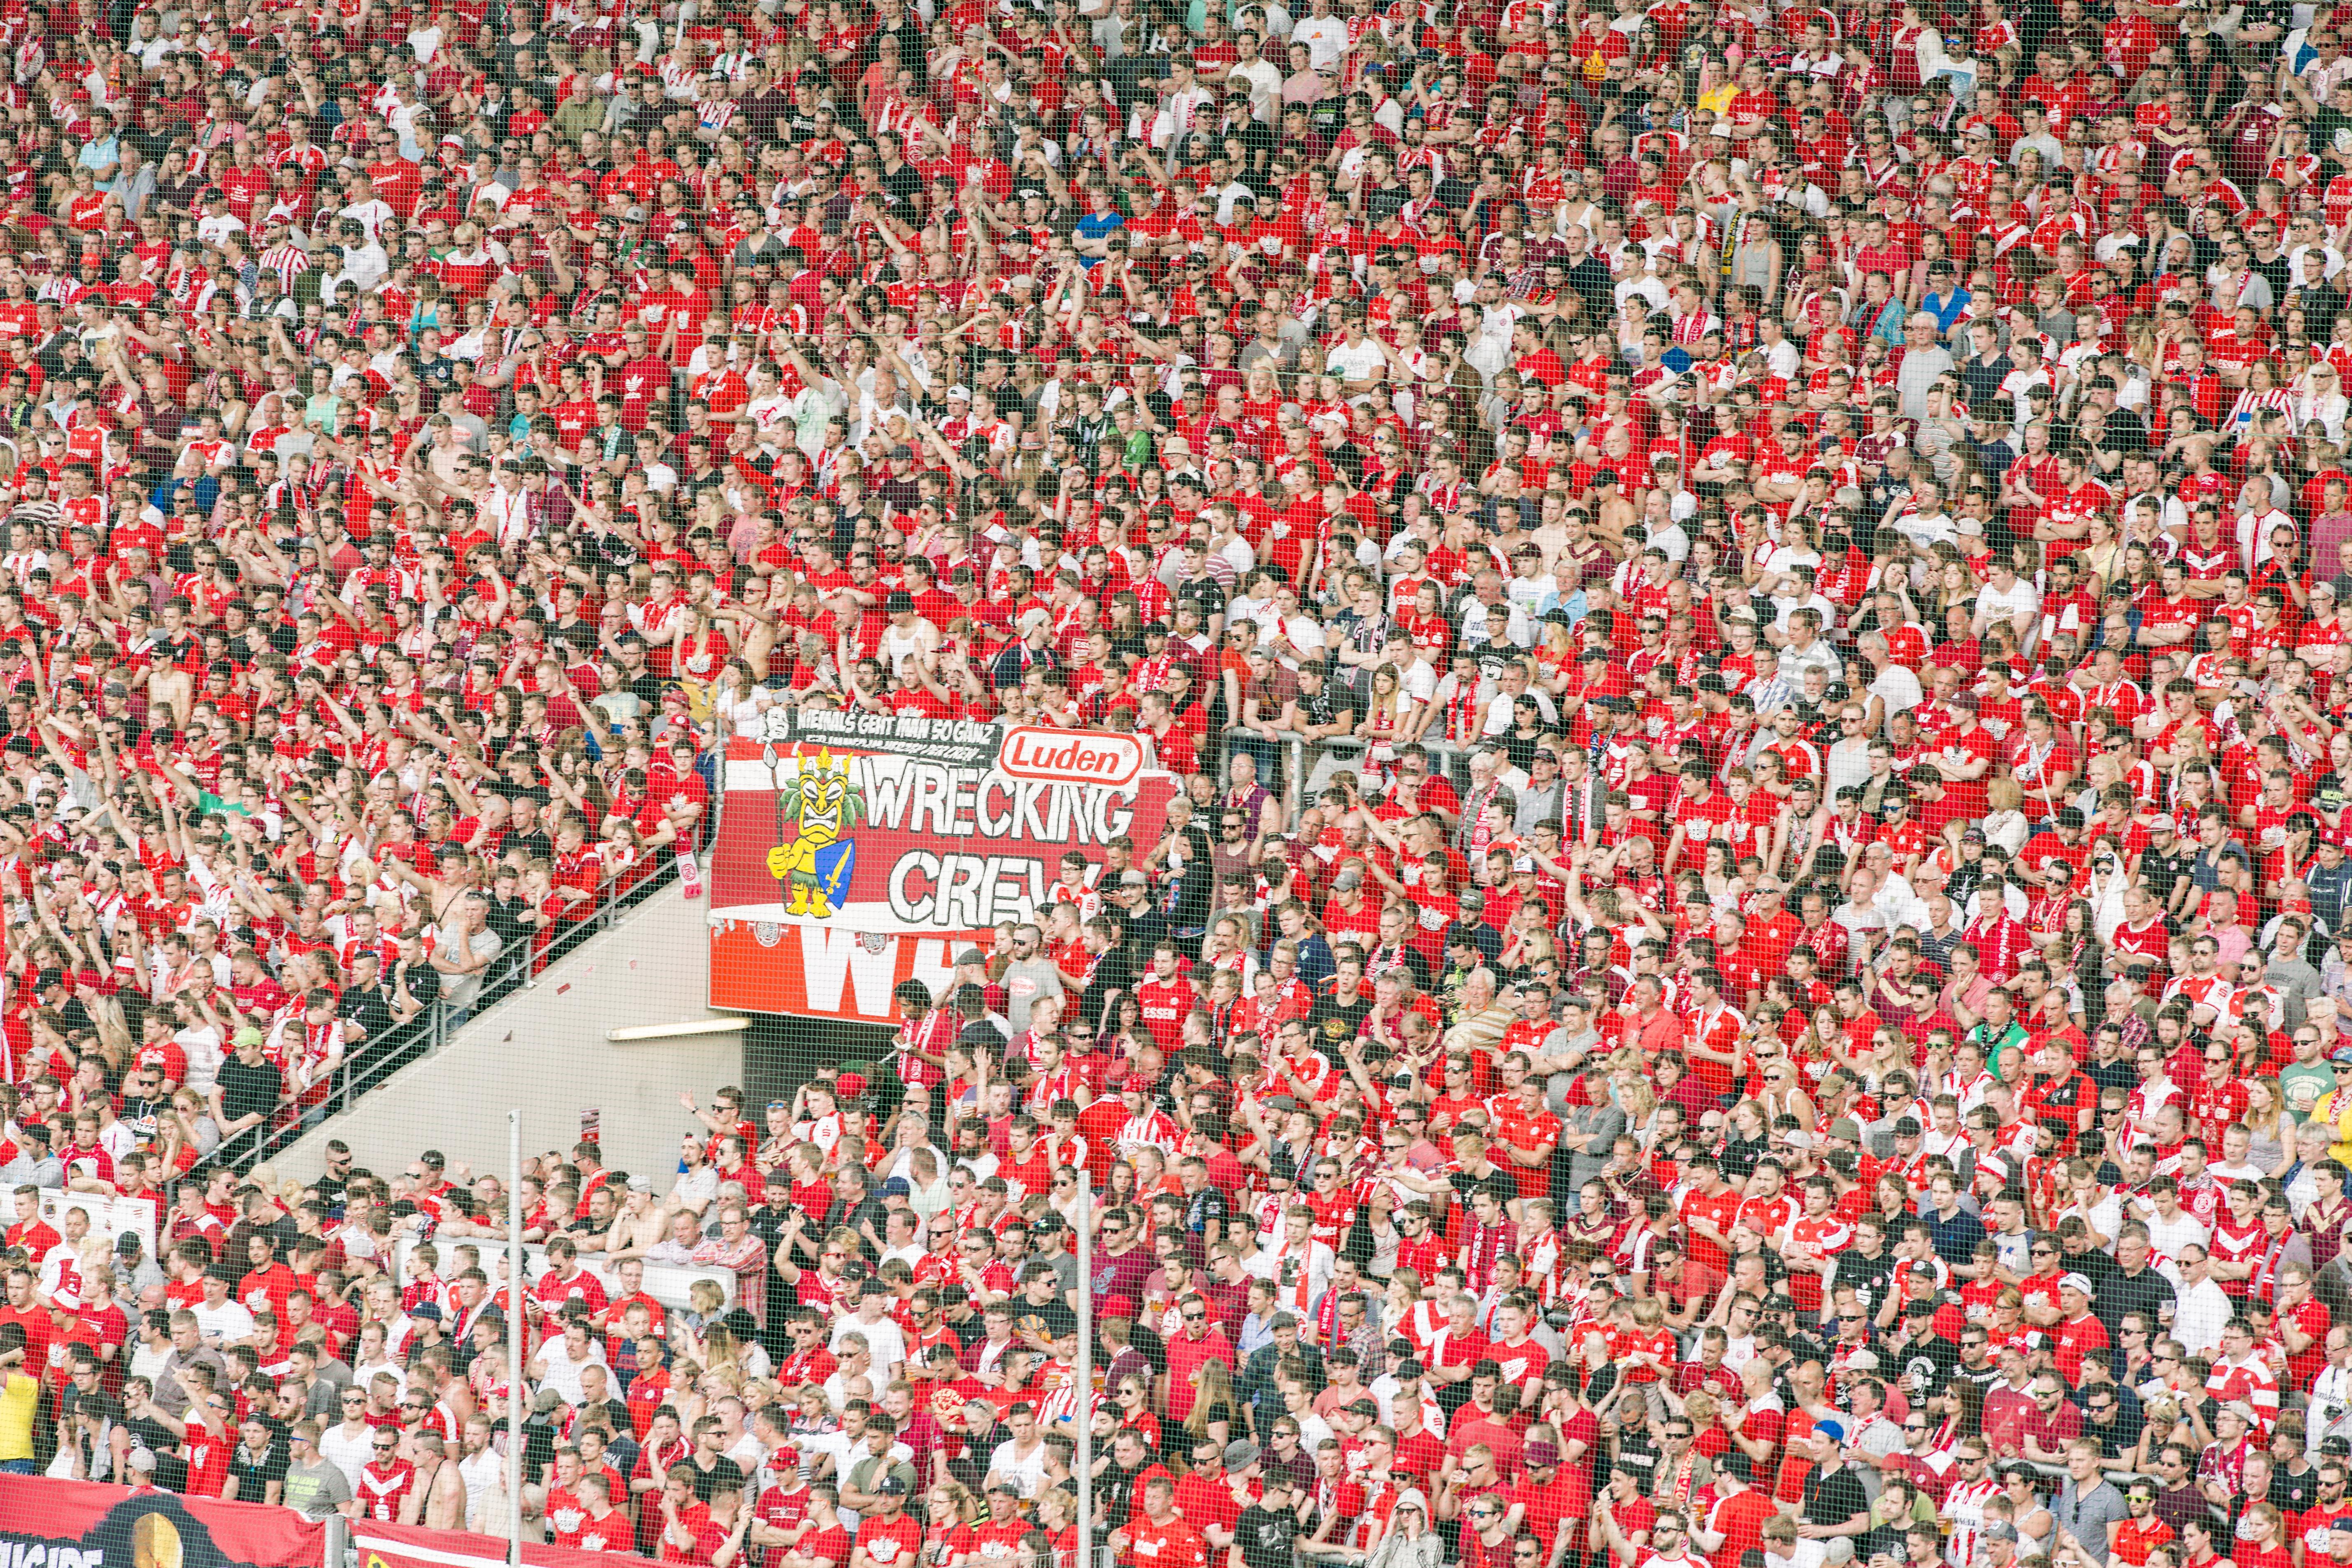 Am Samstag empfangen die Rot-Weissen den SV Lippstadt an der Hafenstraße. (Foto: Klimek)